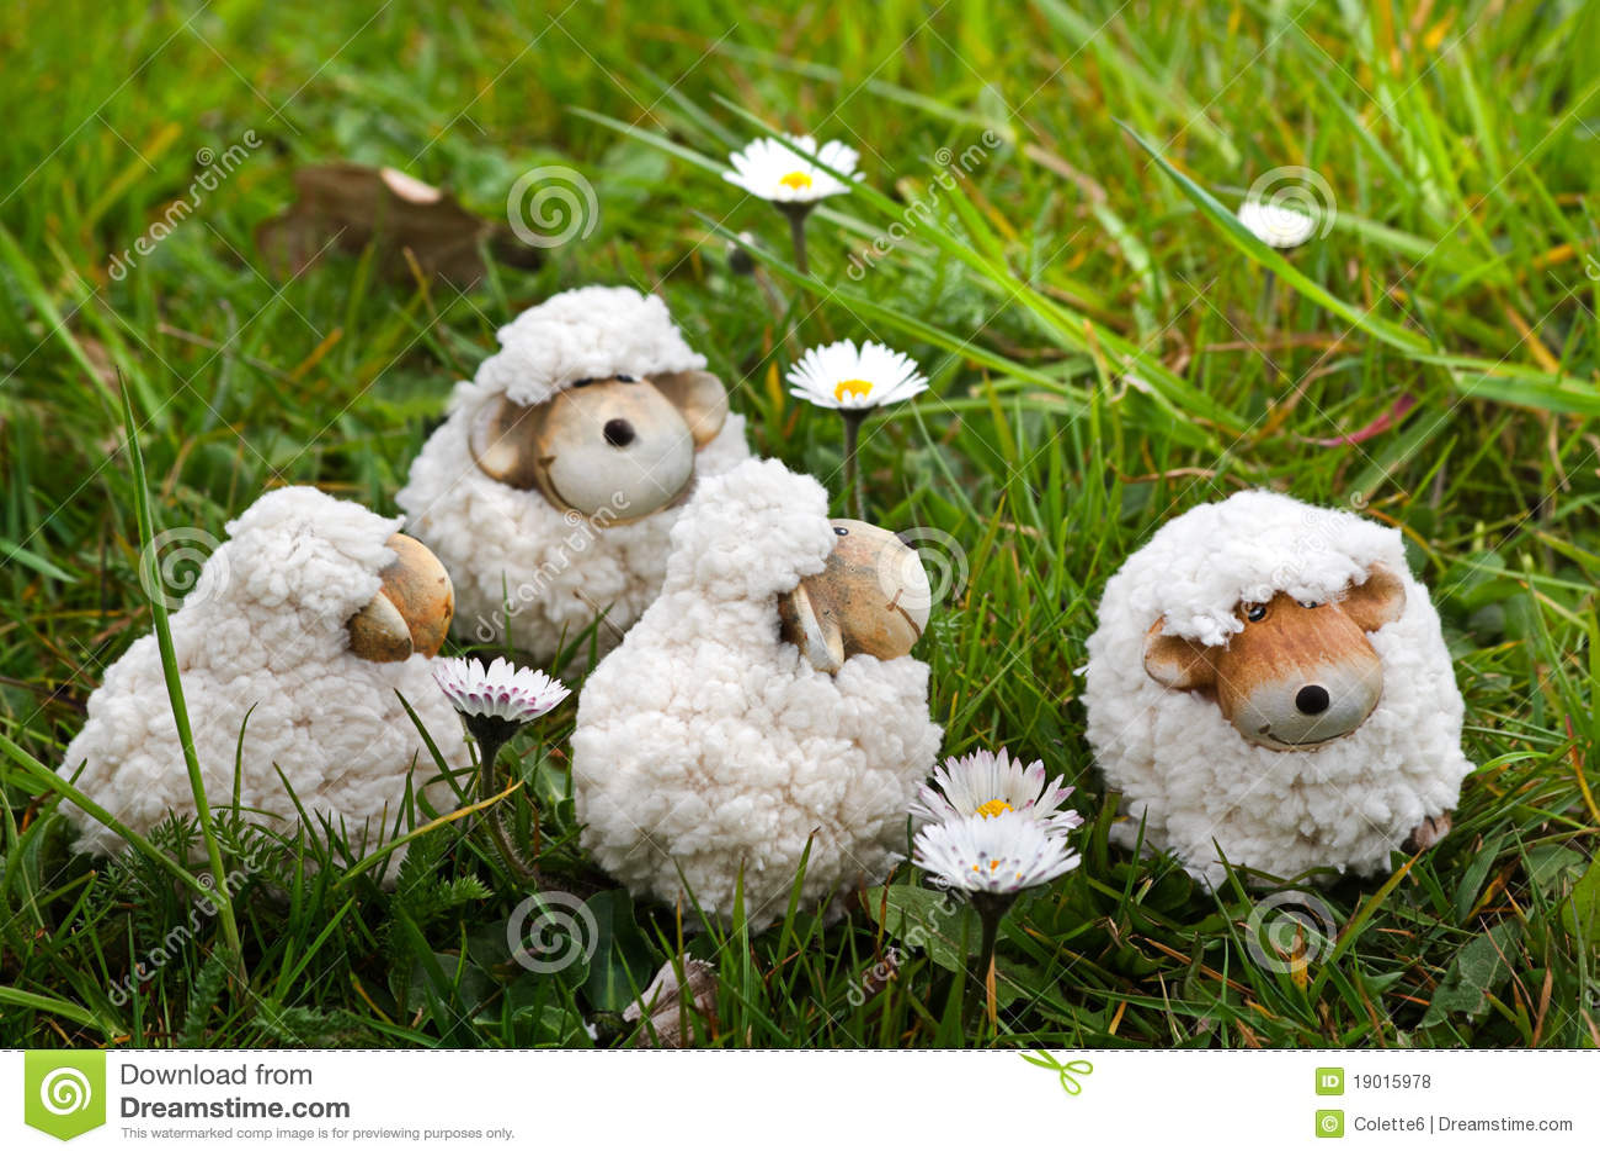 De decoratie van pasen of van de lente vier schapen in gras stock foto afbeelding 19015978 - Decoratie van de kamers van de meiden ...